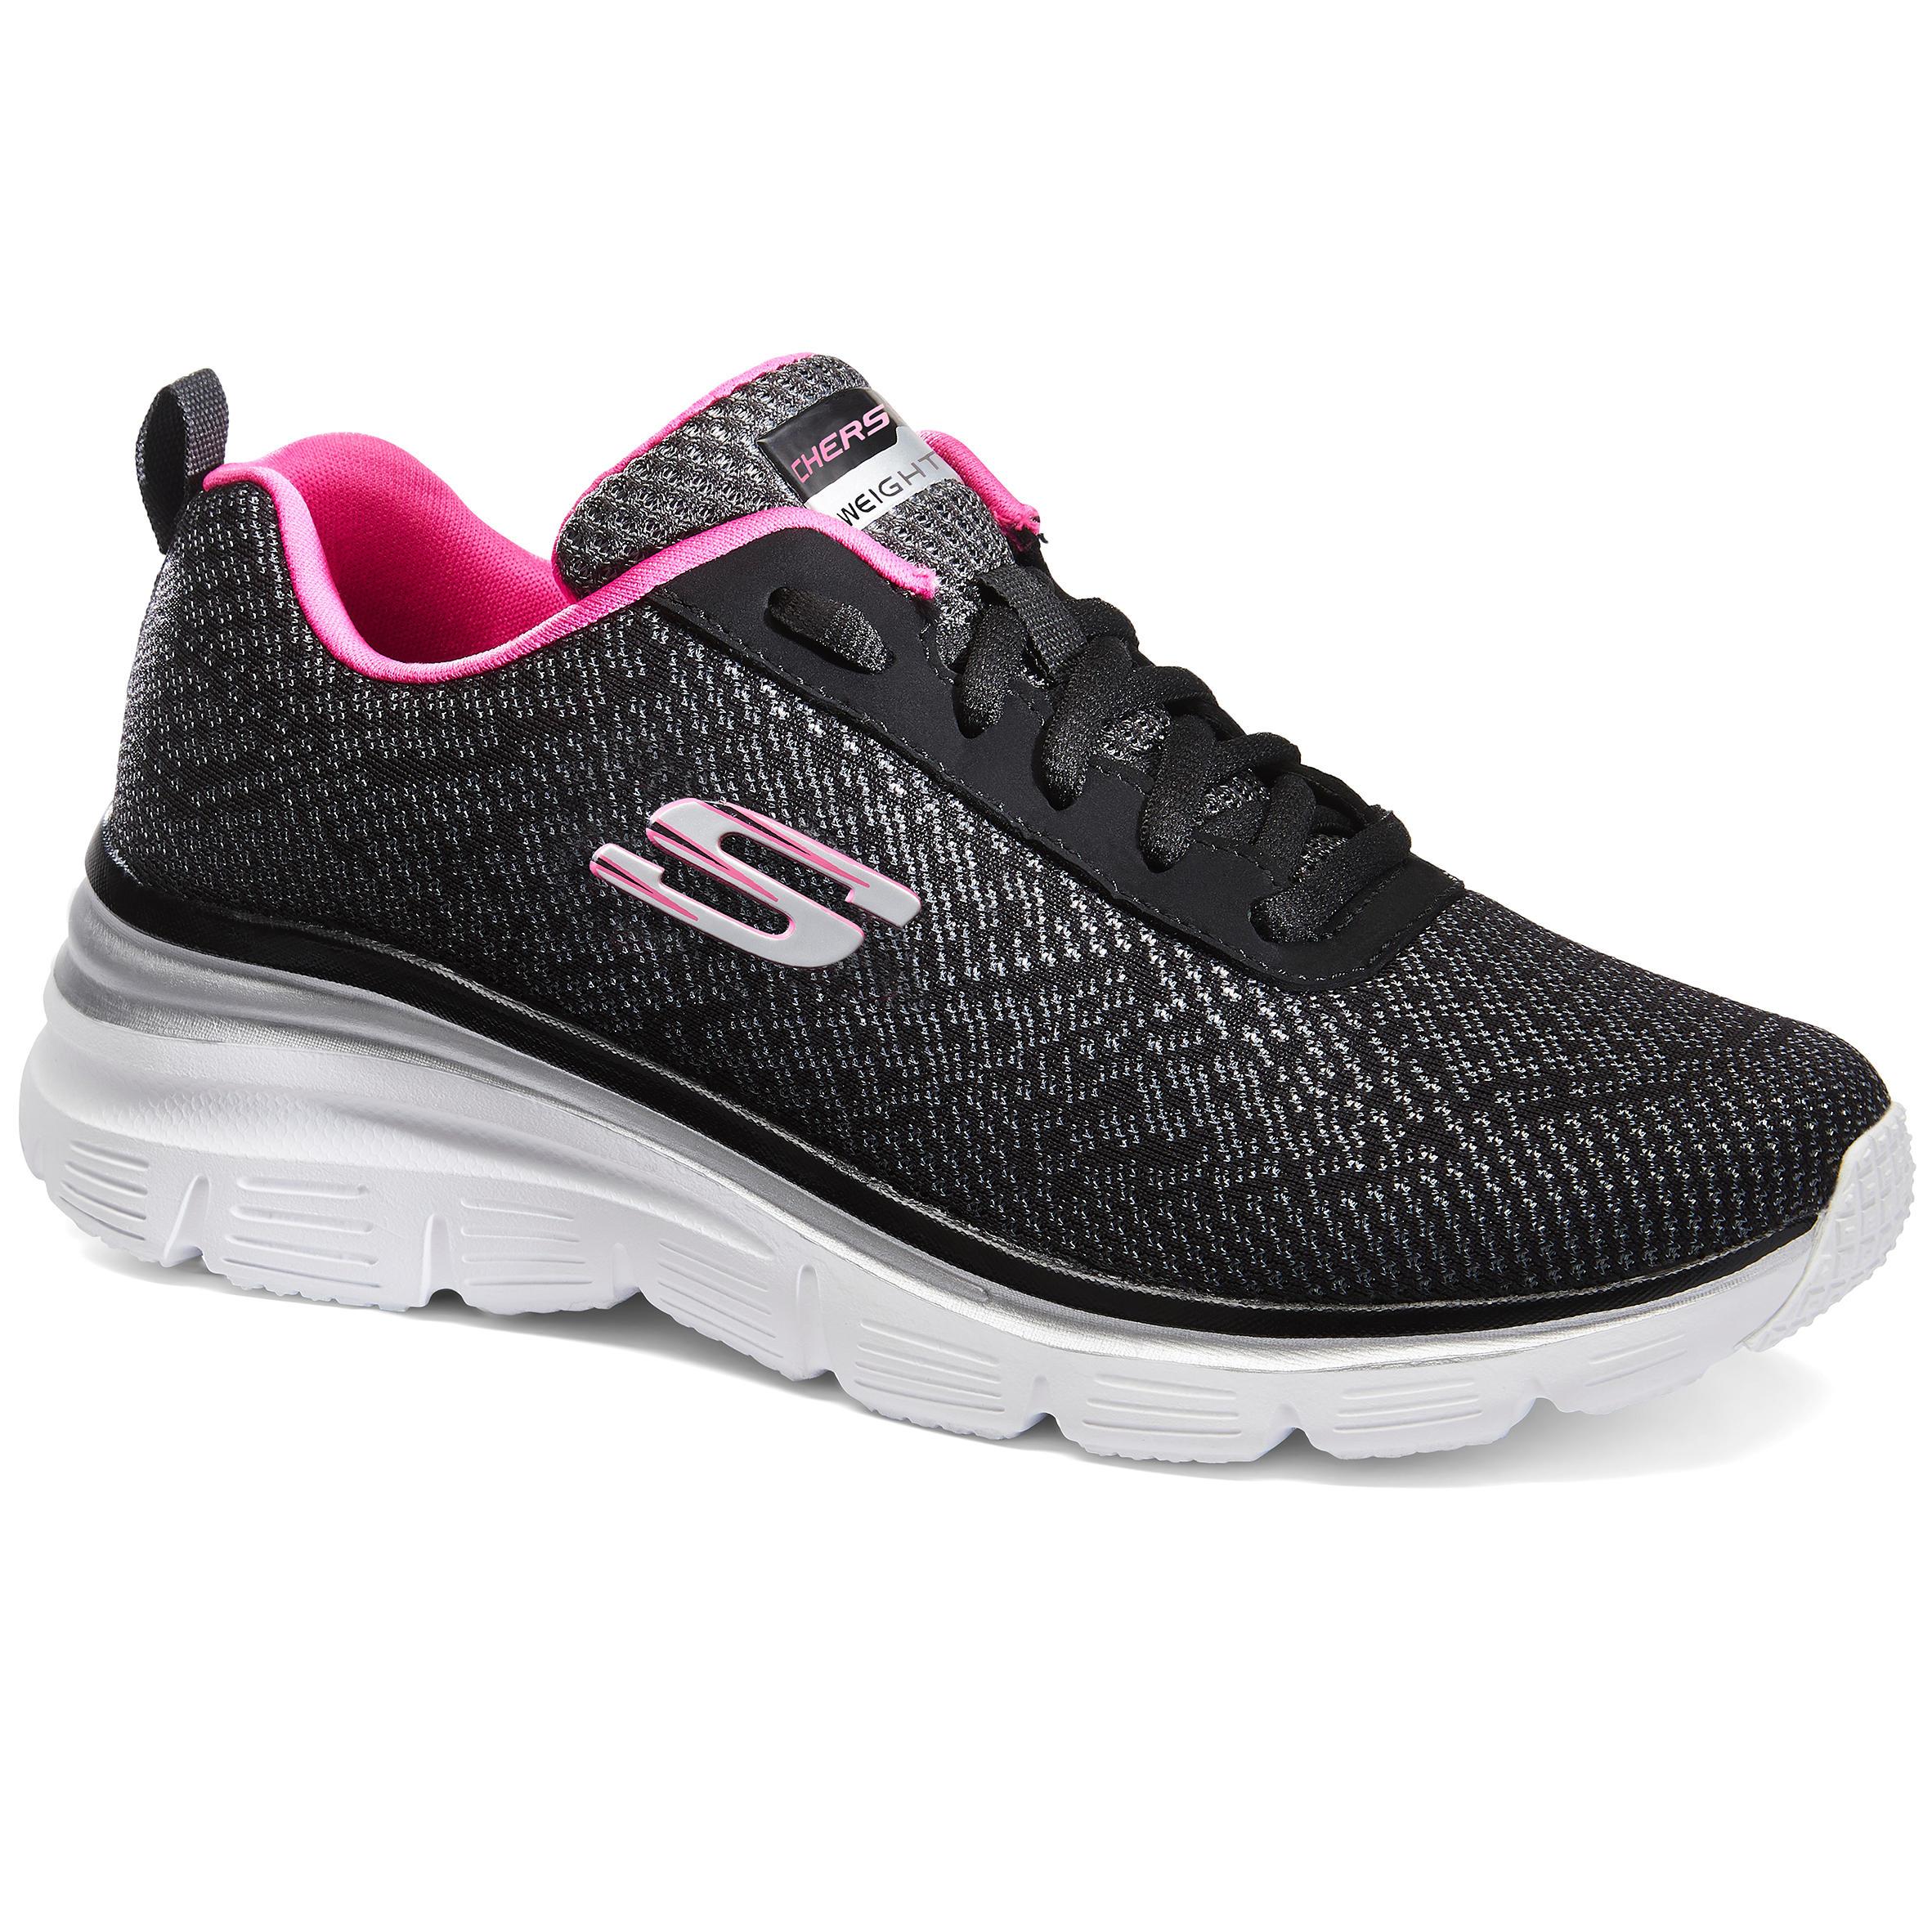 294915c9 Comprar Zapatillas Deportivas de Mujer Online | Decathlon